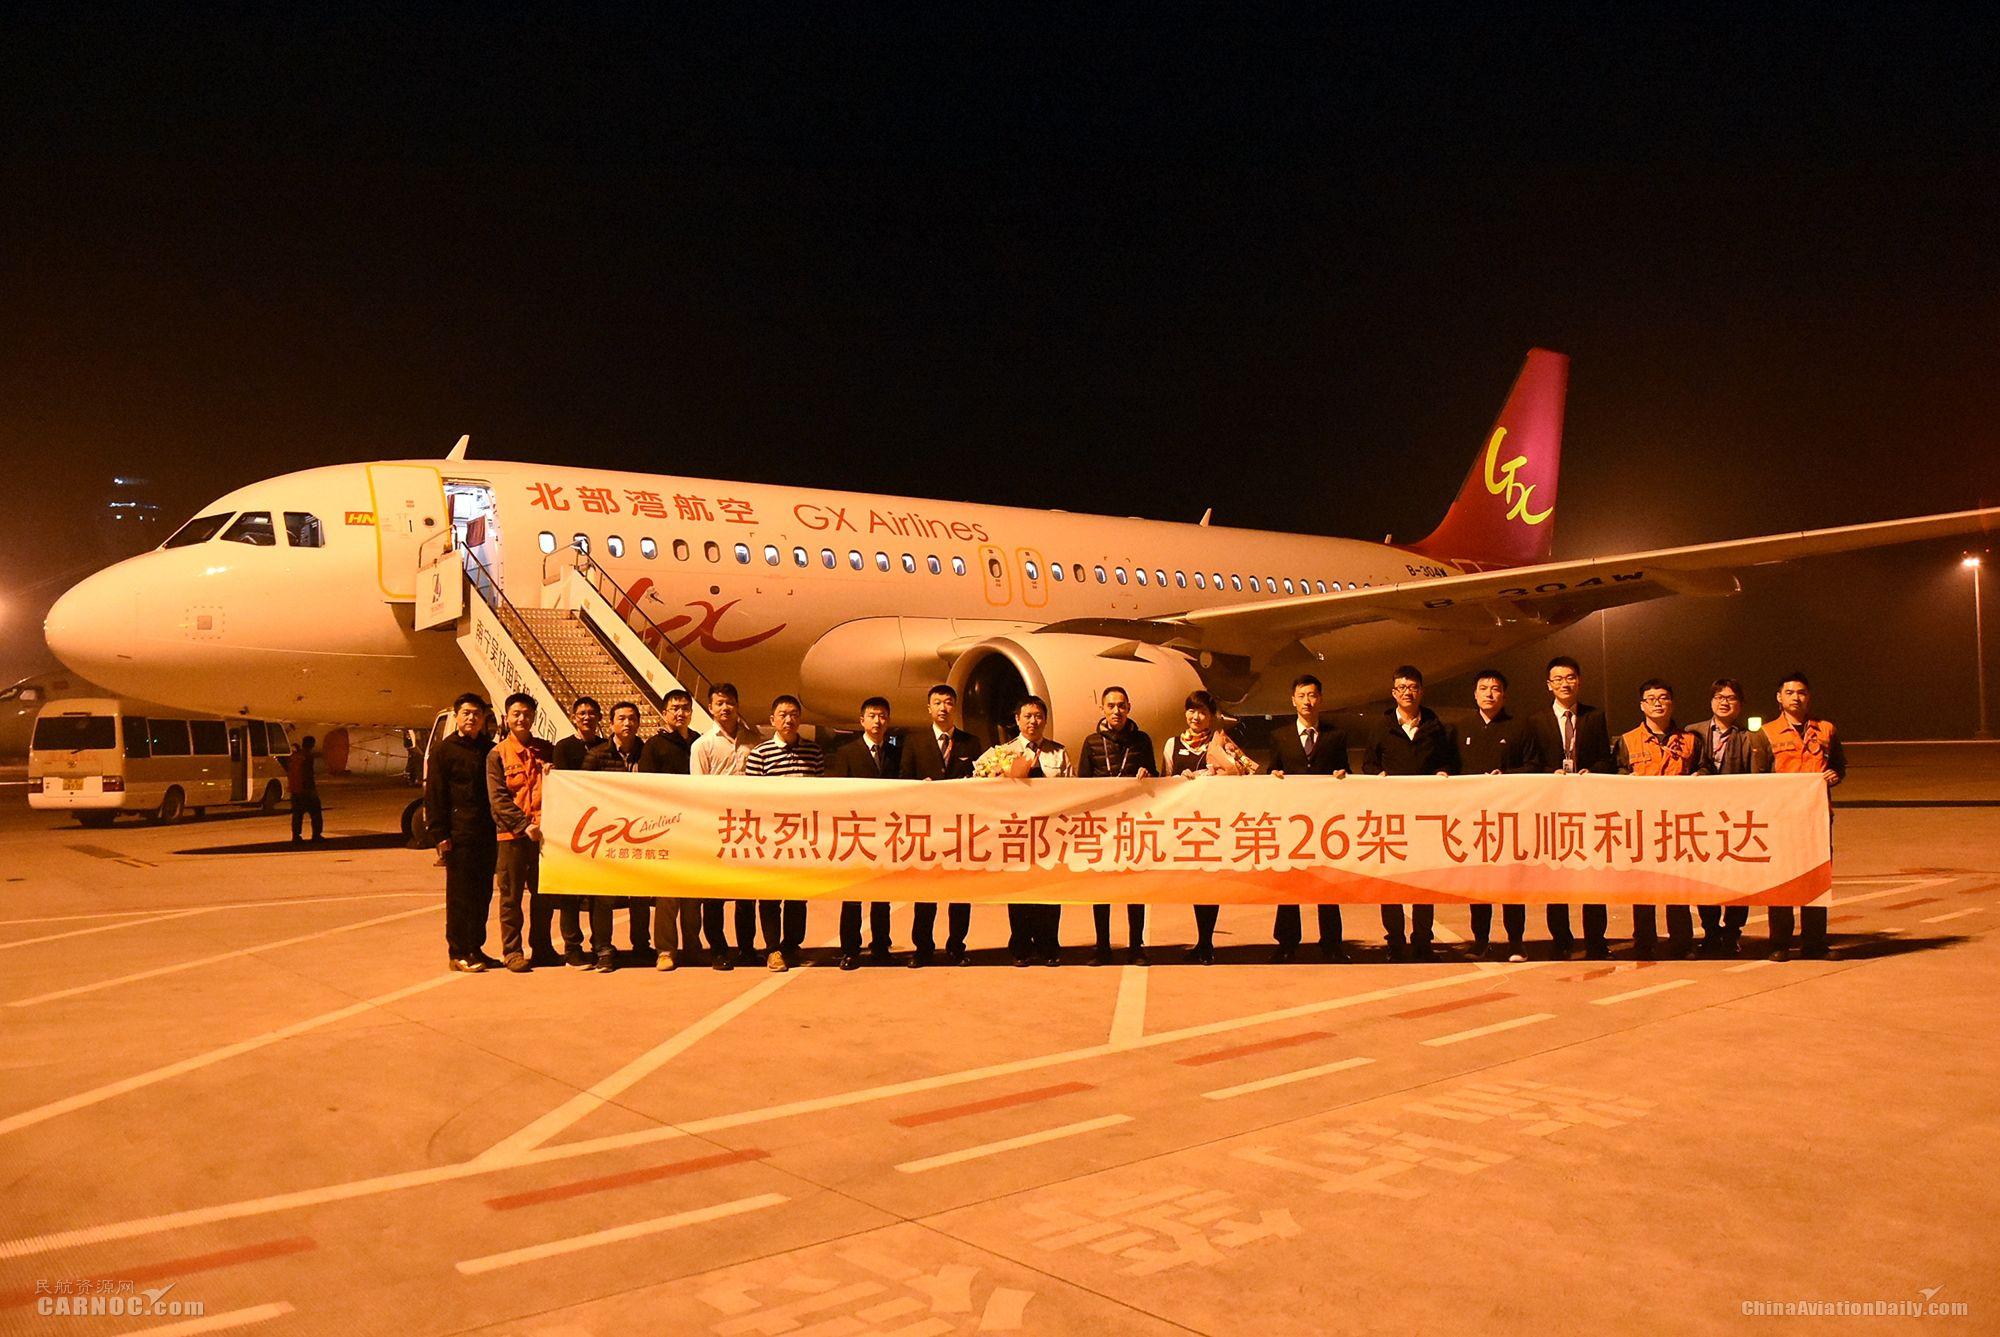 北部湾航空引进第2架A320neo   机队规模达26架